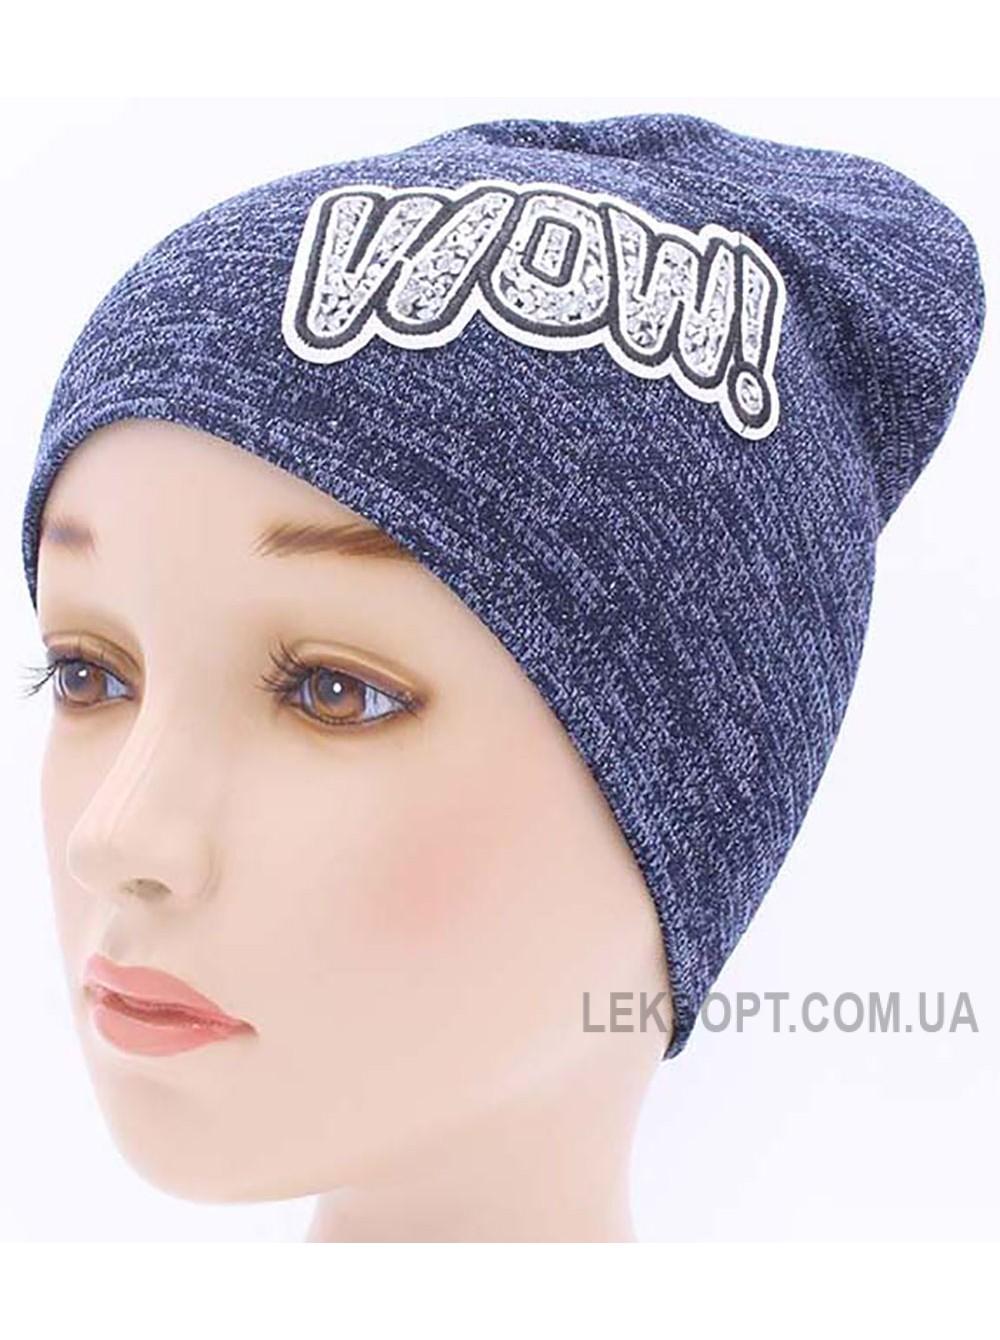 Детская трикотажная шапка BTA03717-52-56